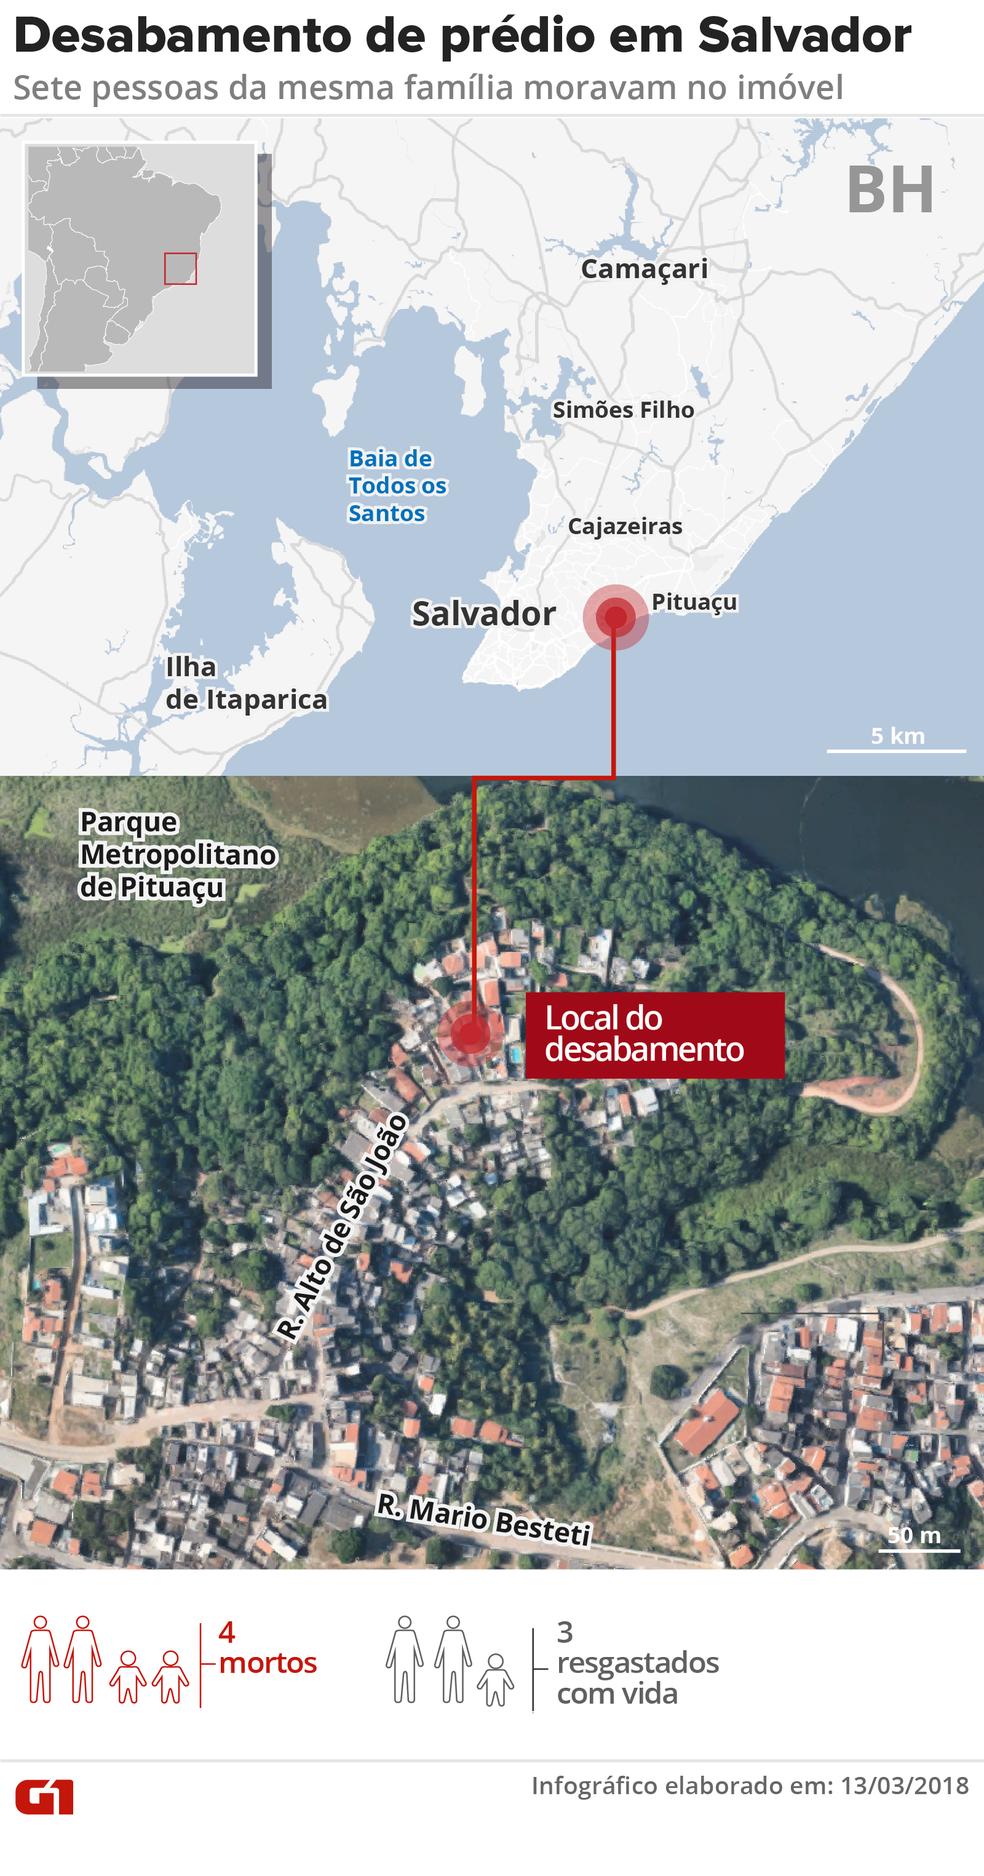 Desabamento de prédio em Salvador (Foto: Infográfico: Karina Almeida / G1)